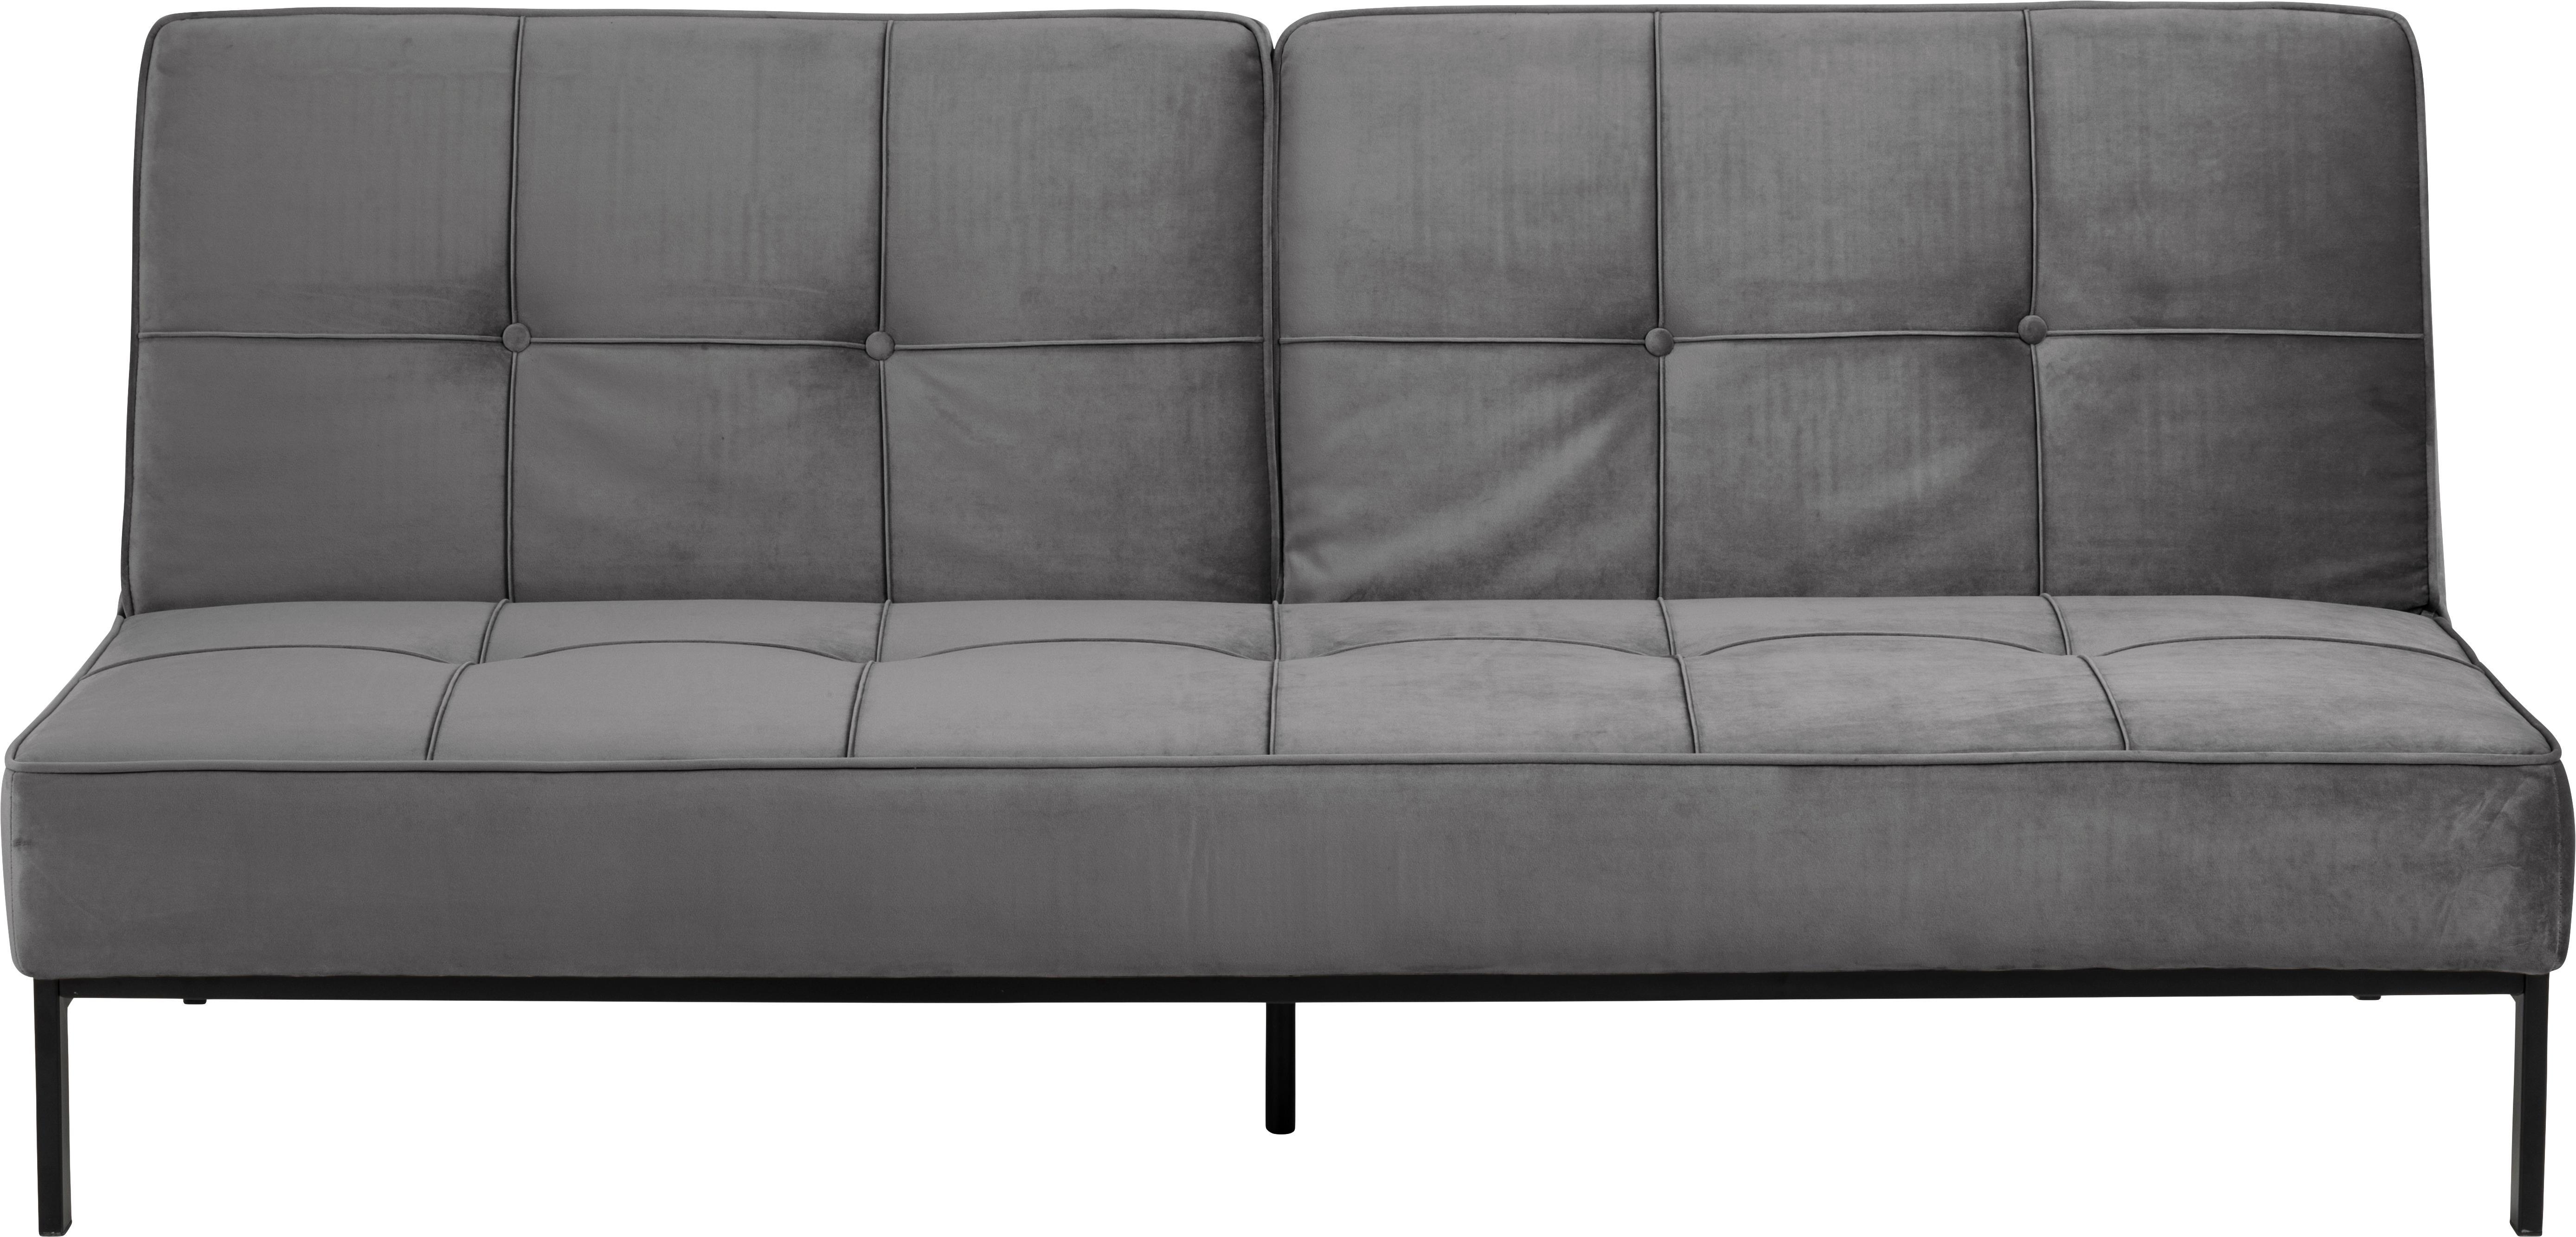 Sofá cama de terciopelo Perugia, Tapizado: terciopelo de poliéster 2, Patas: metal, pintado, Terciopelo gris oscuro, An 198 x F 95 cm